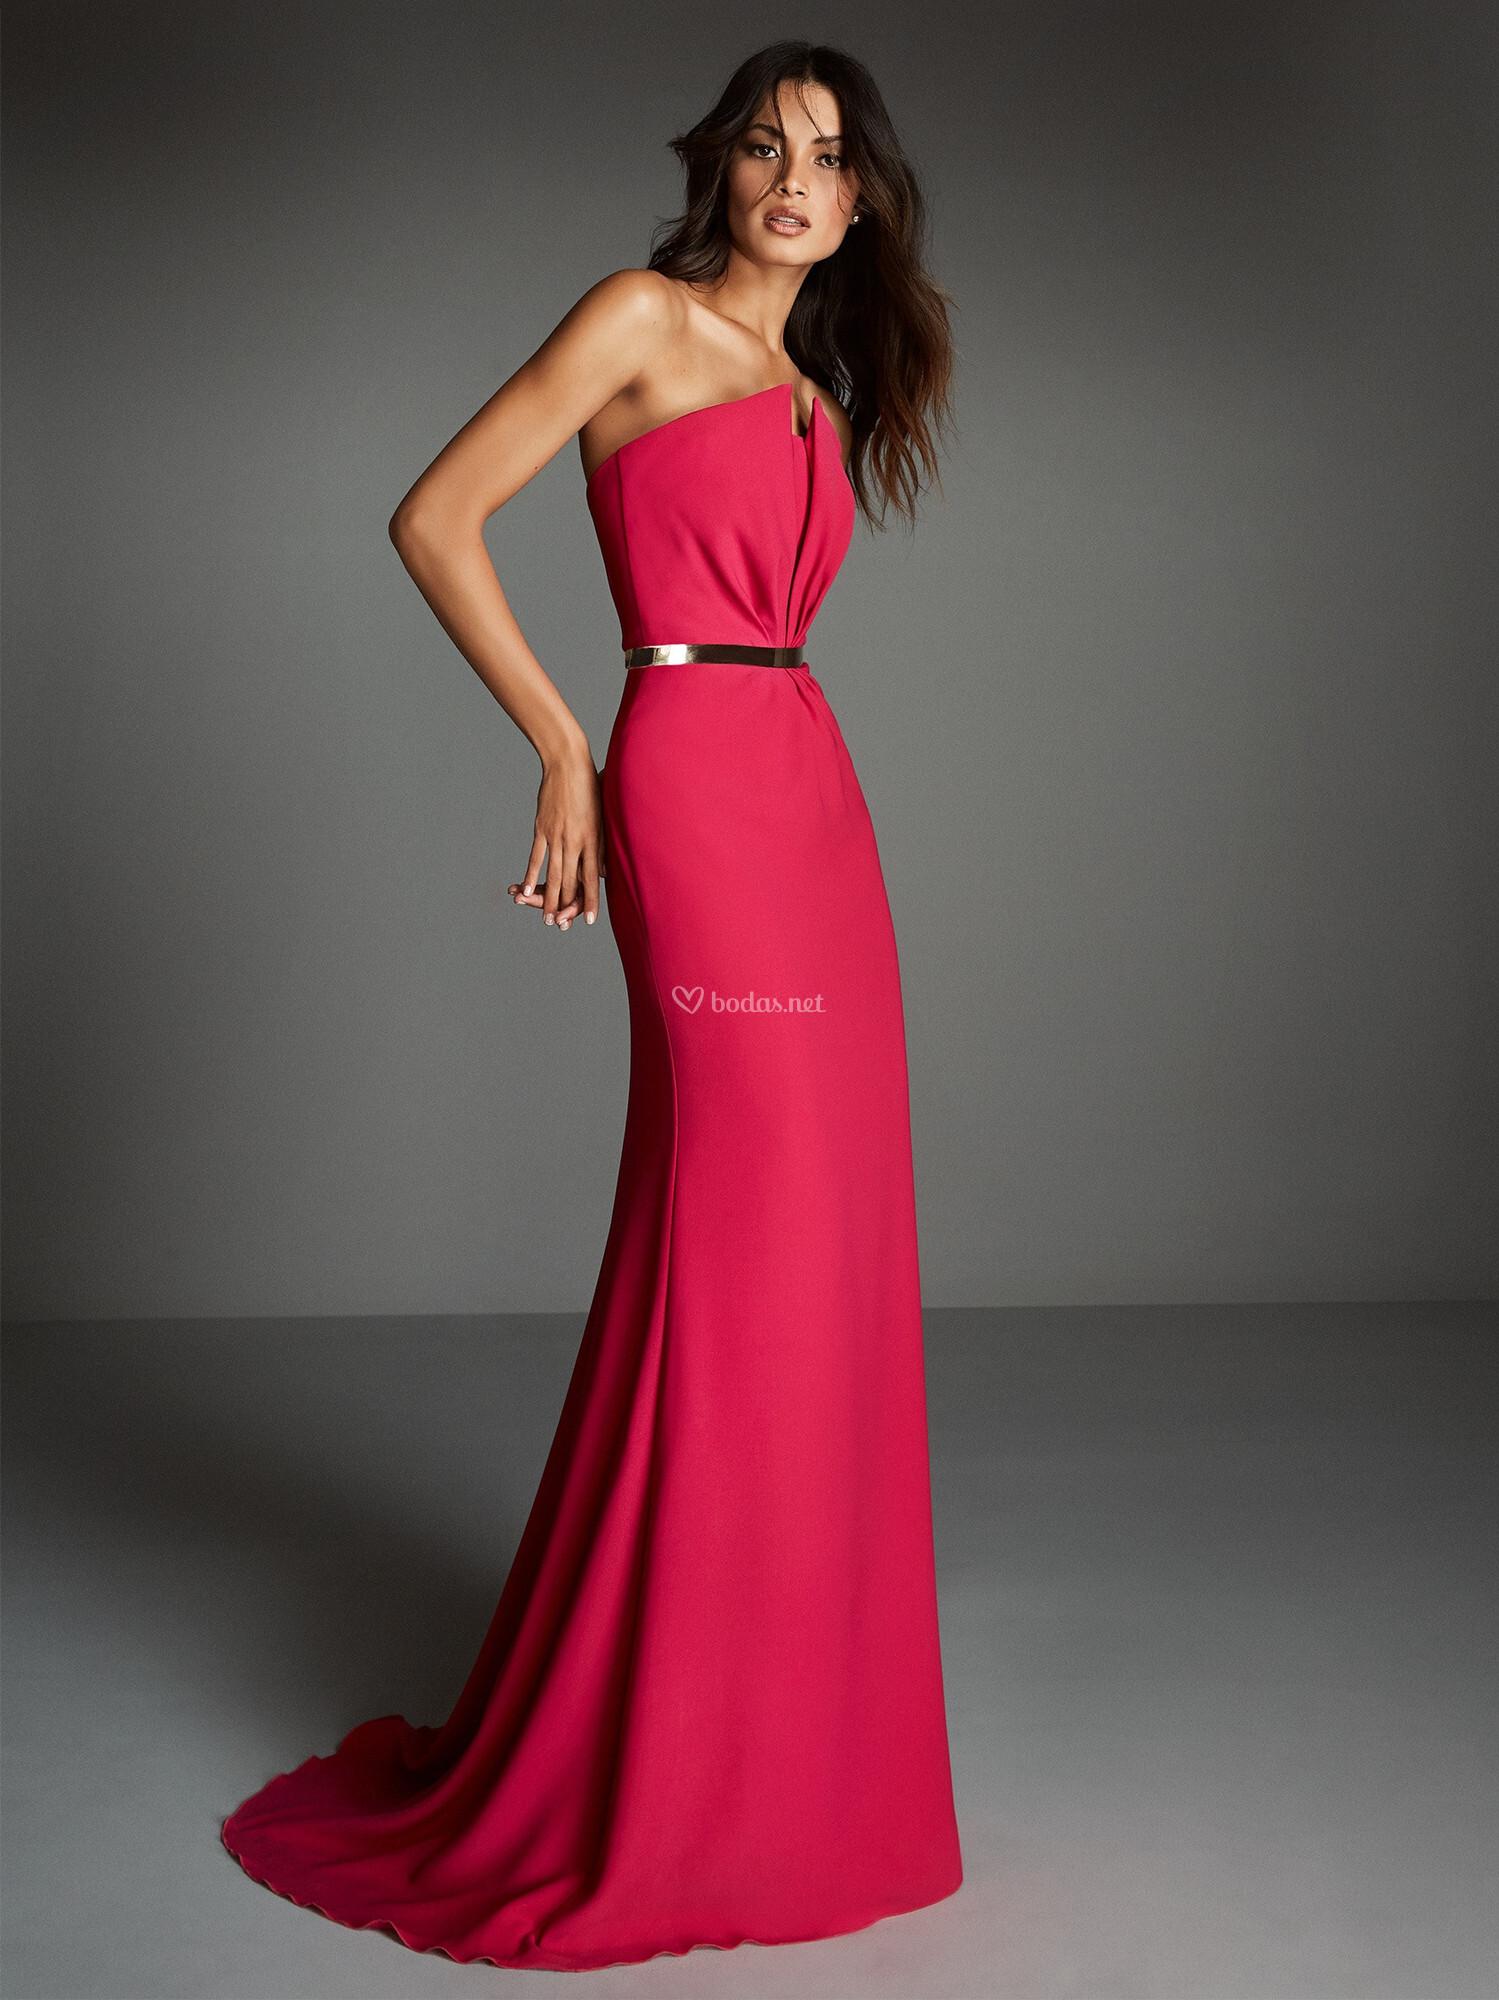 Vestidos fiesta pronovias rojo